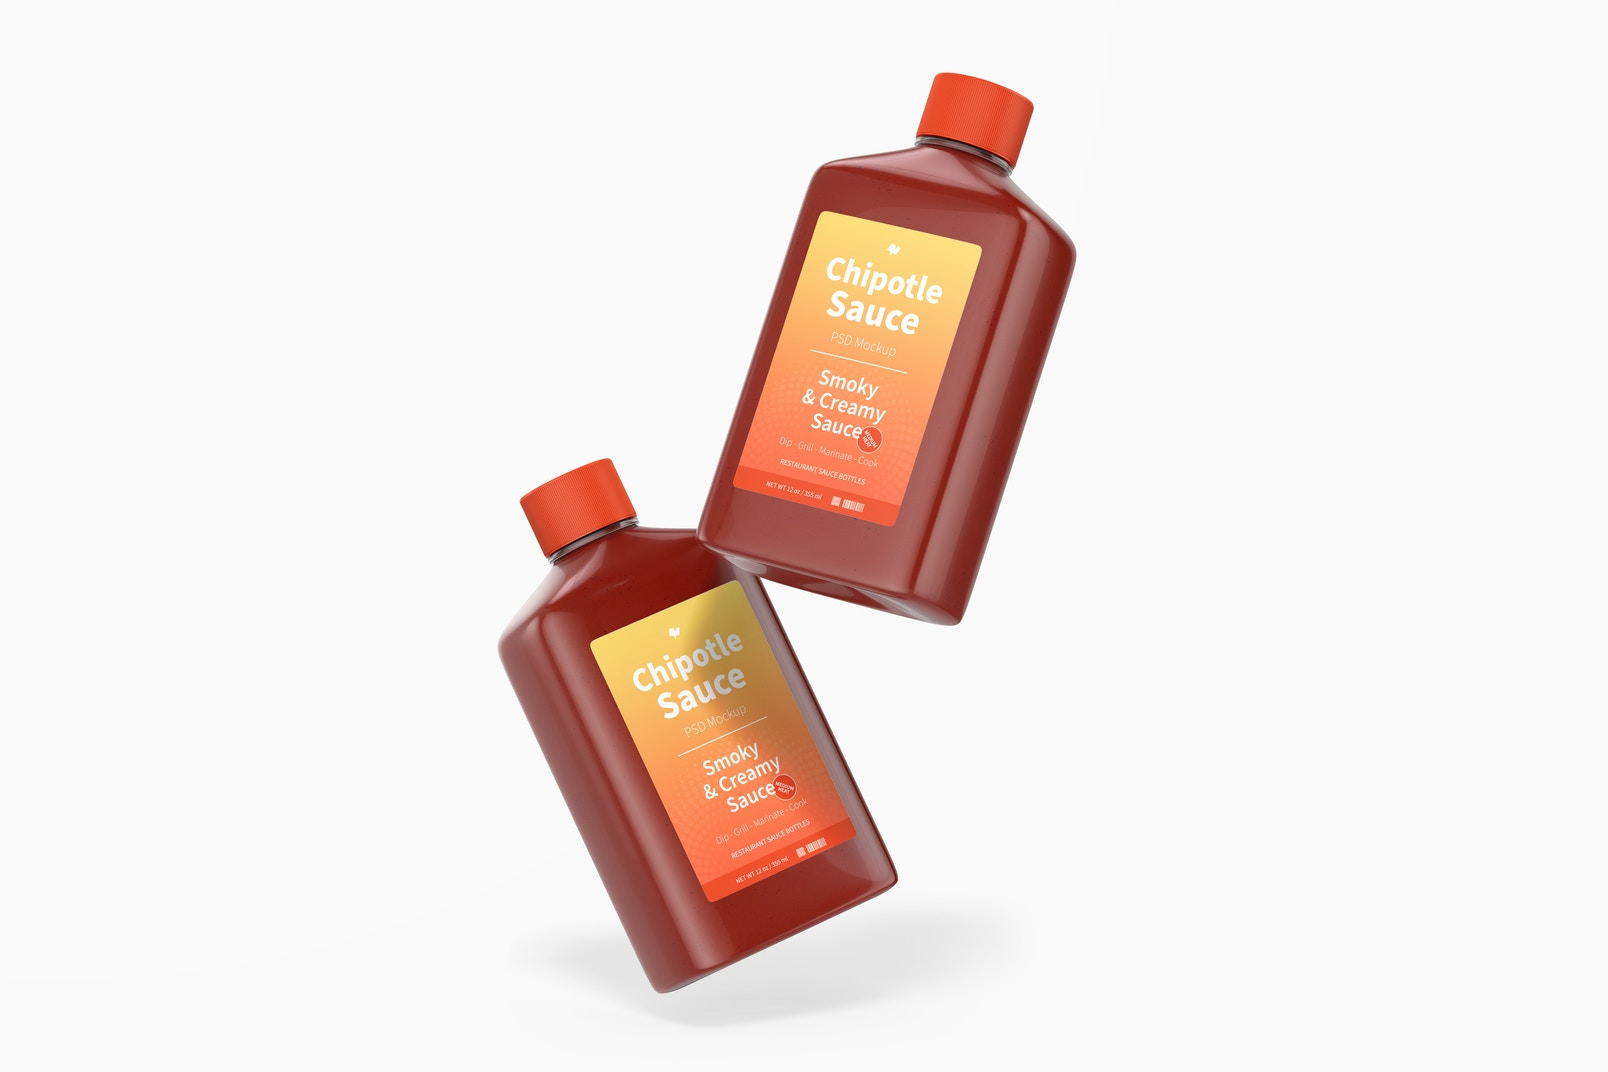 4 oz Chipotle Sauce Bottles Mockup, Floating